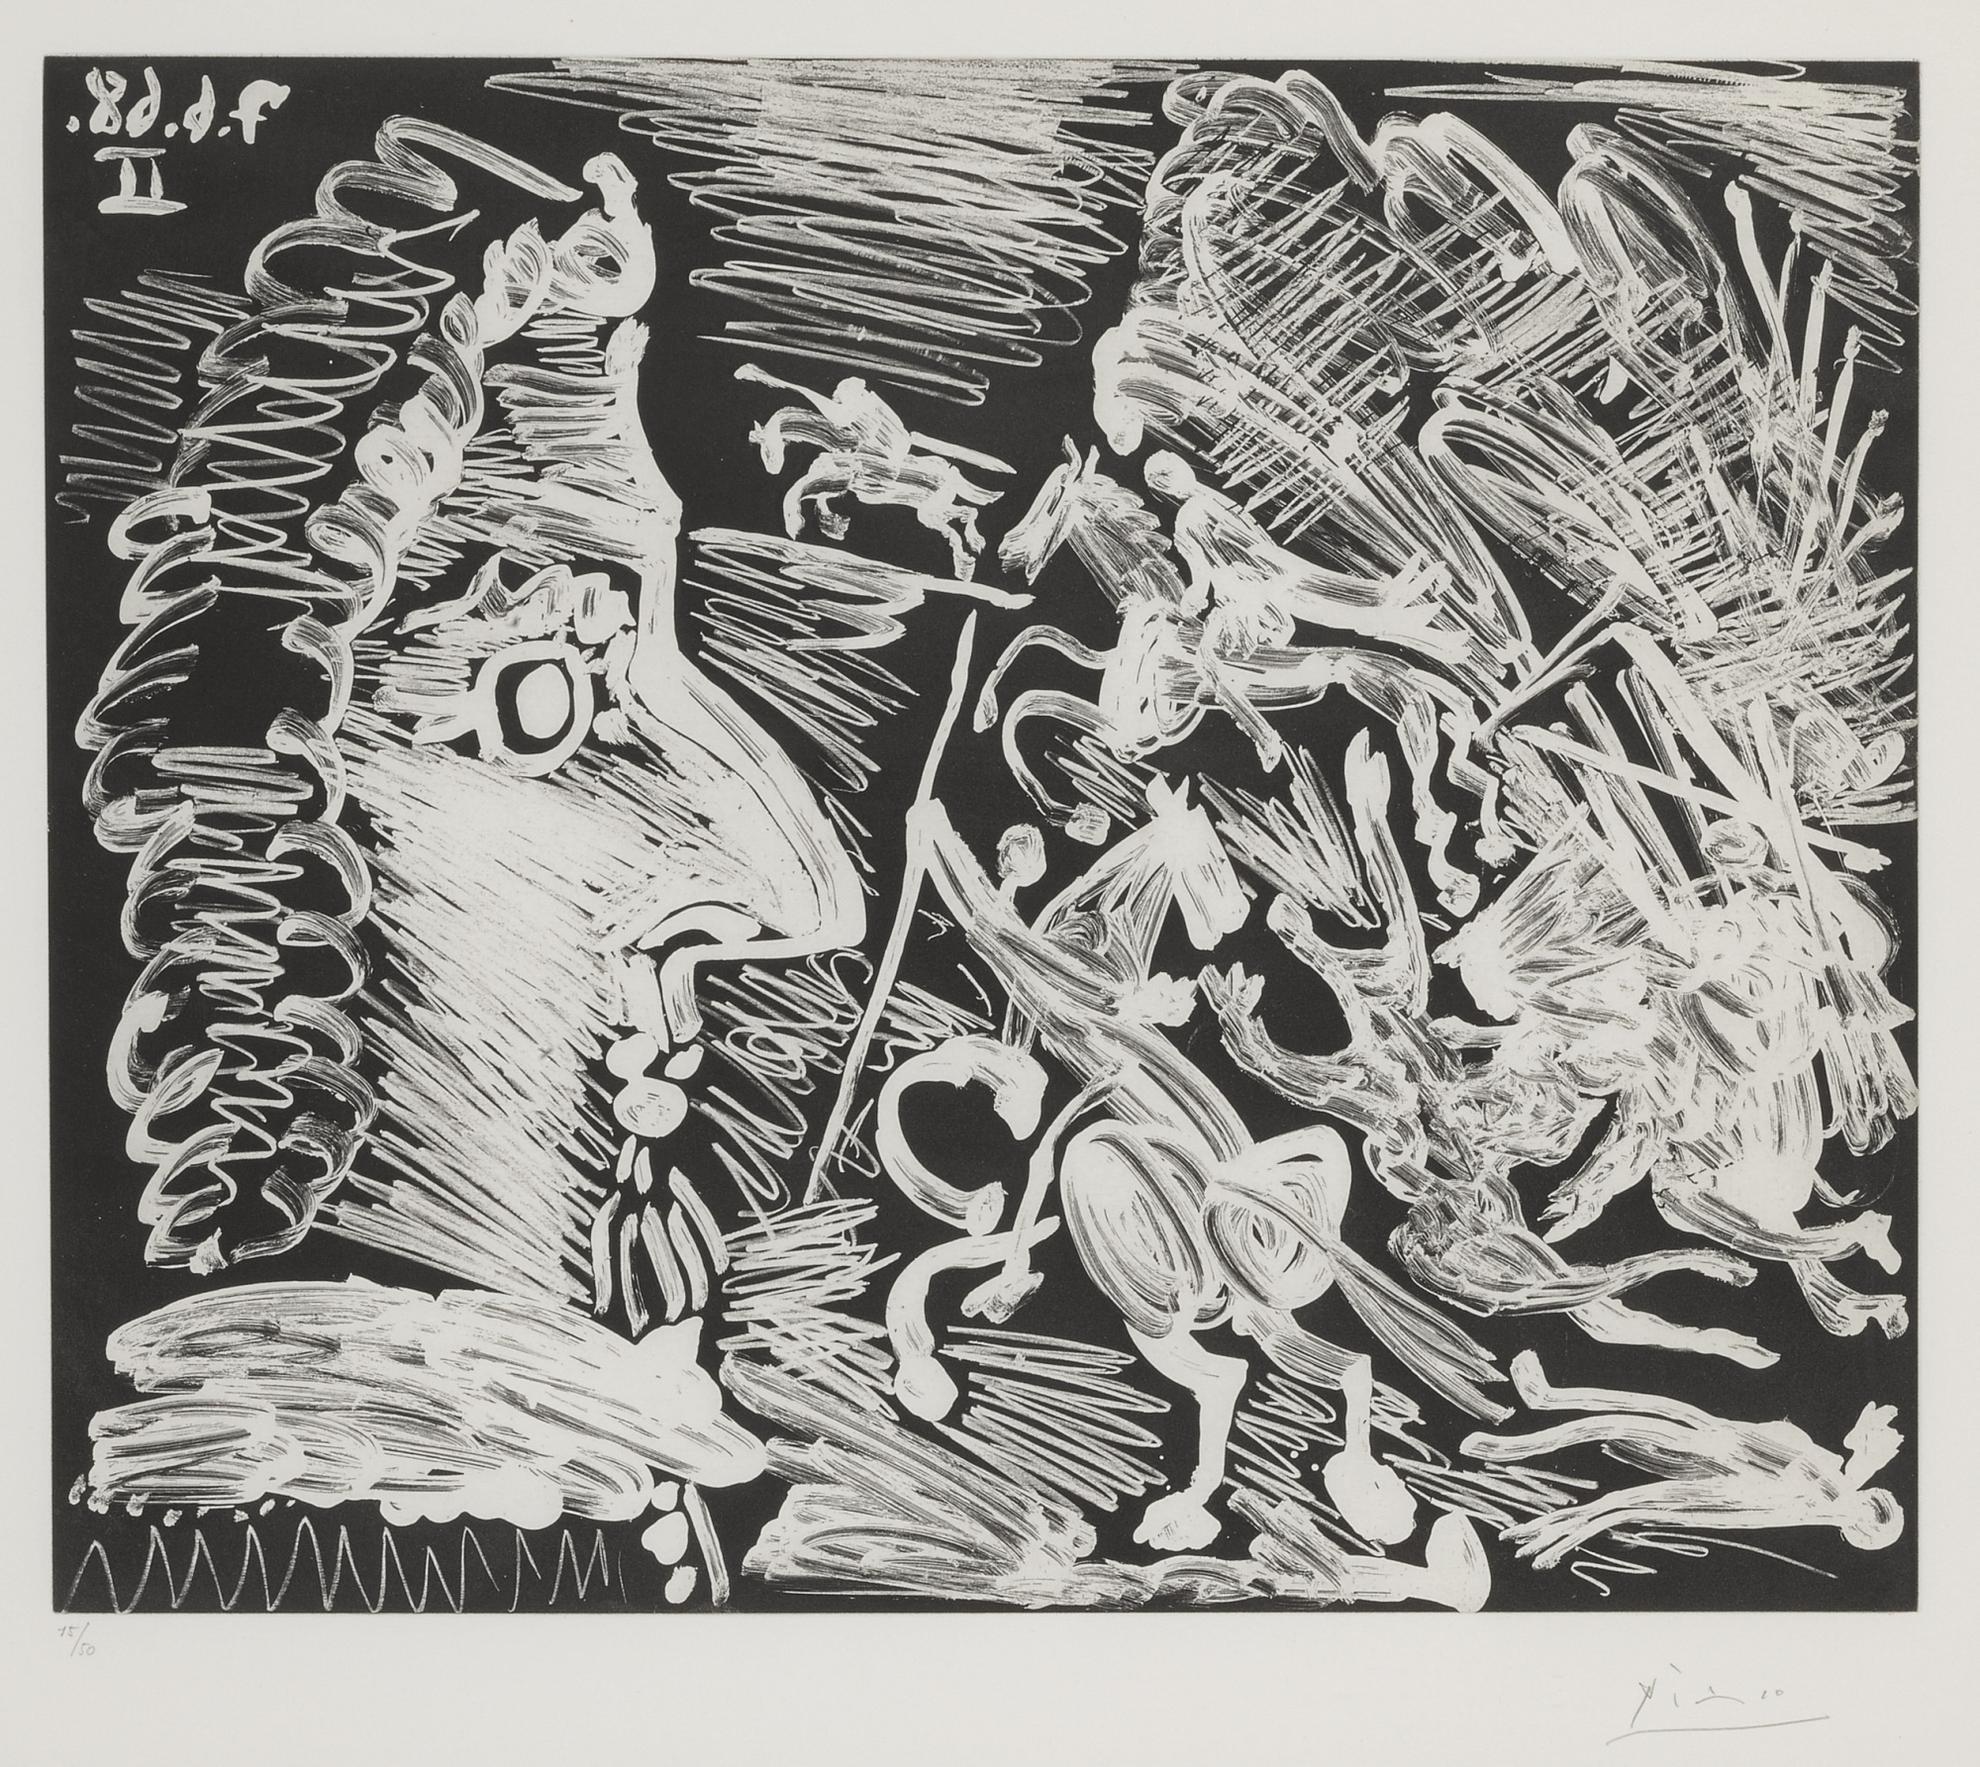 Pablo Picasso-Mousquetaire De Profil, Avec Combat A La Lance (B. 1614; Ba. 1640)-1968